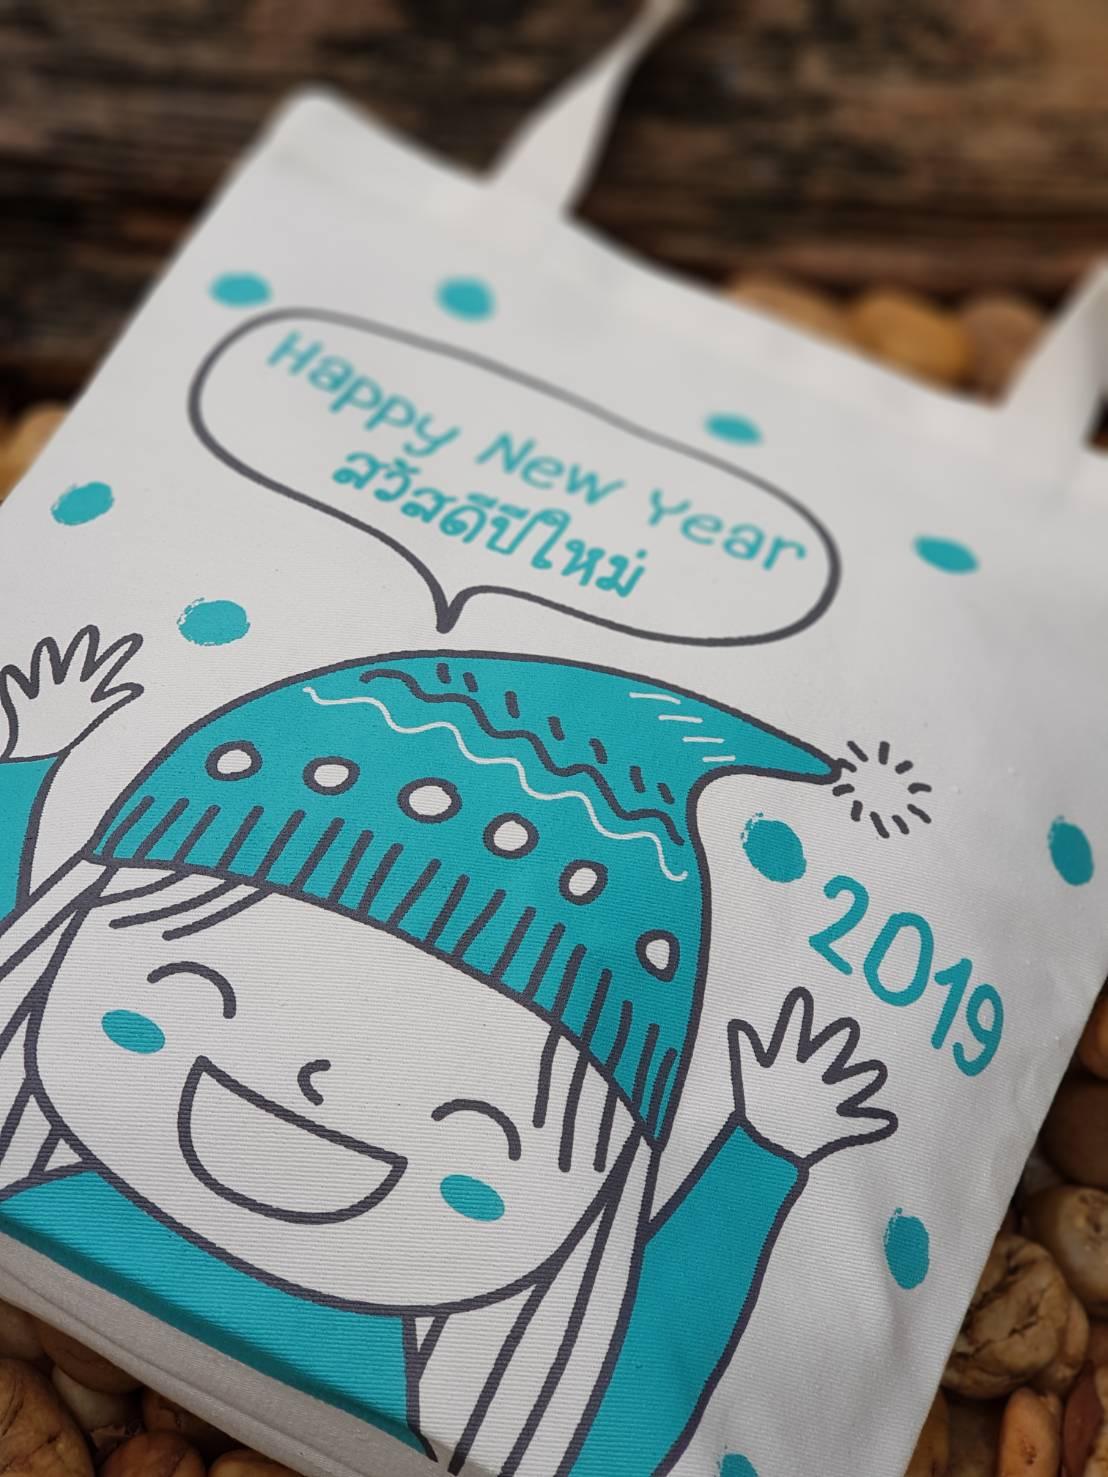 งานพิมพ์, ดิจิตอล, หลากสี, ดีไซน์, สกรีน, ถุงผ้าดิบ, กระเป๋าผ้าดิบ, ถุงผ้า, ลดโลกร้อน, สกรีนลายสำเร็จรูป, ขายส่ง, ลายน่ารัก, จาก baginlove.com, สวัสดีปีใหม่, 2562, happynewyear, 2019